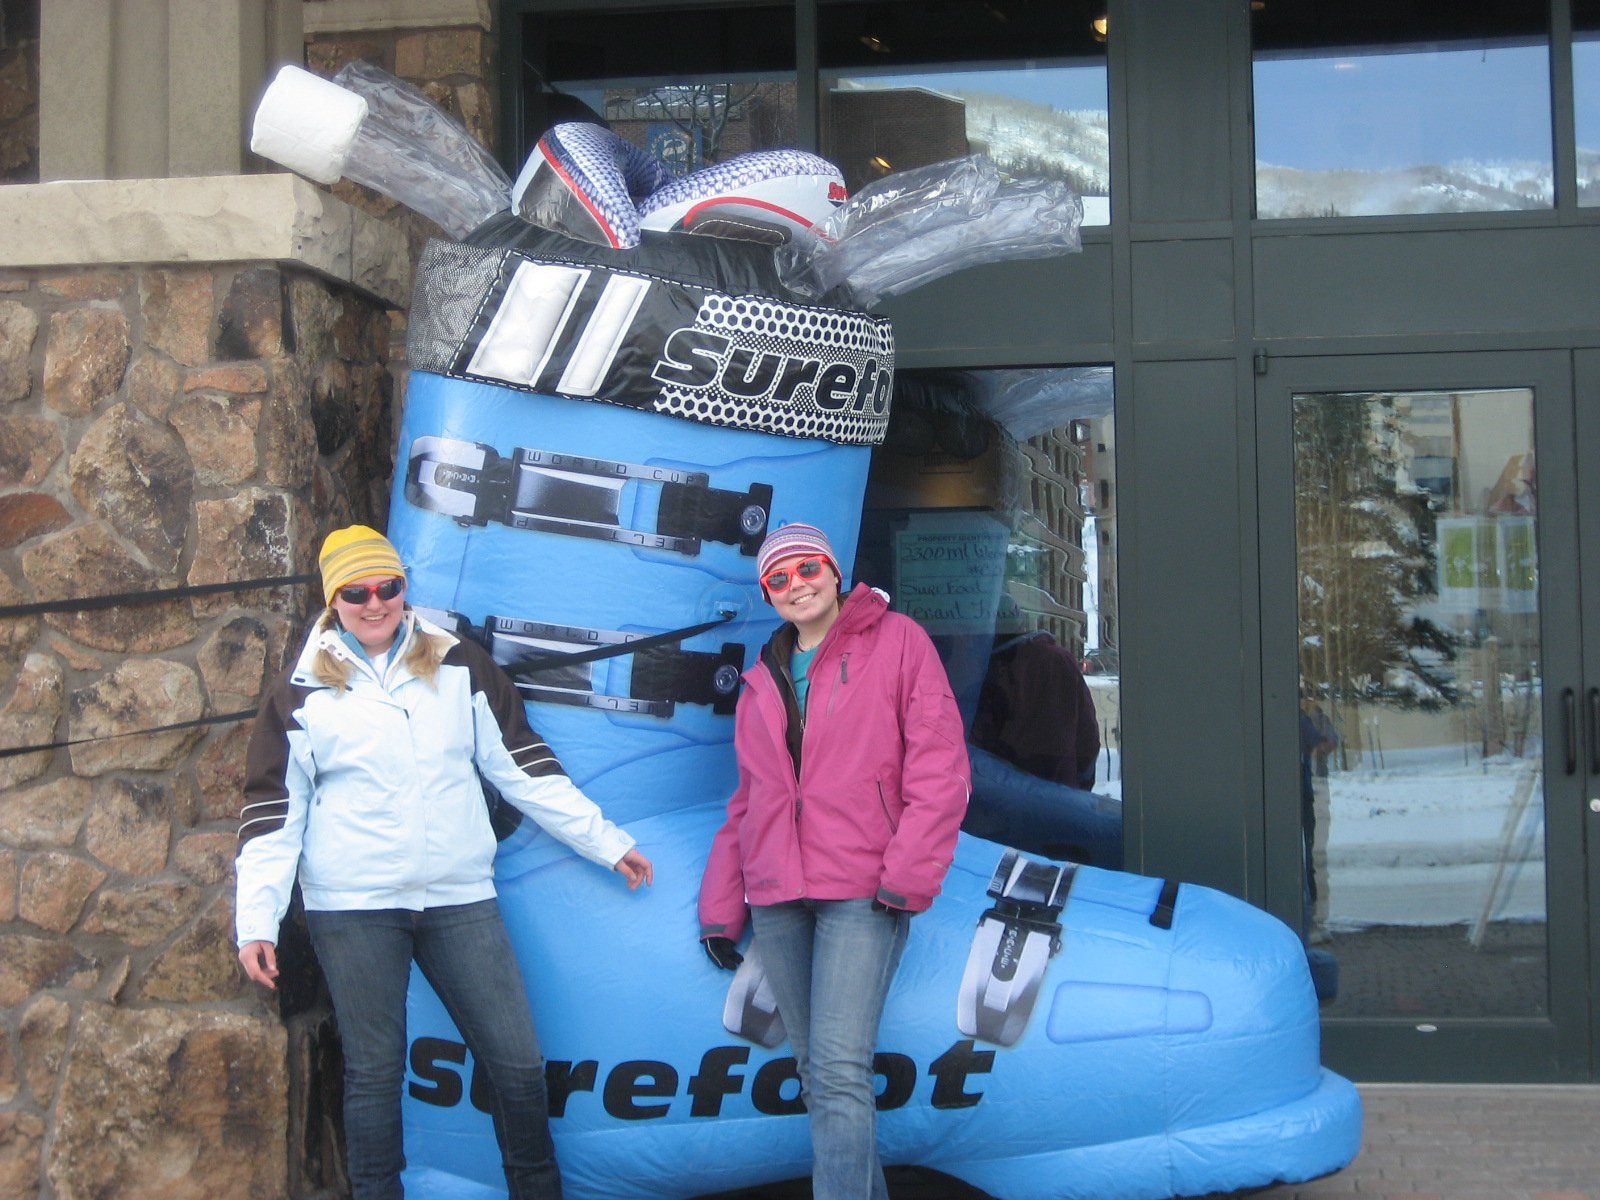 Ski boot